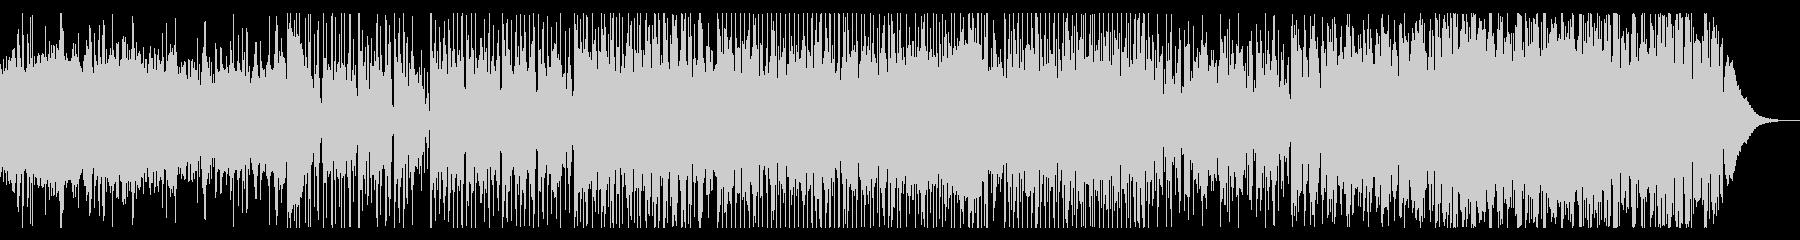 ギターとドローンのシネマティックBGMの未再生の波形